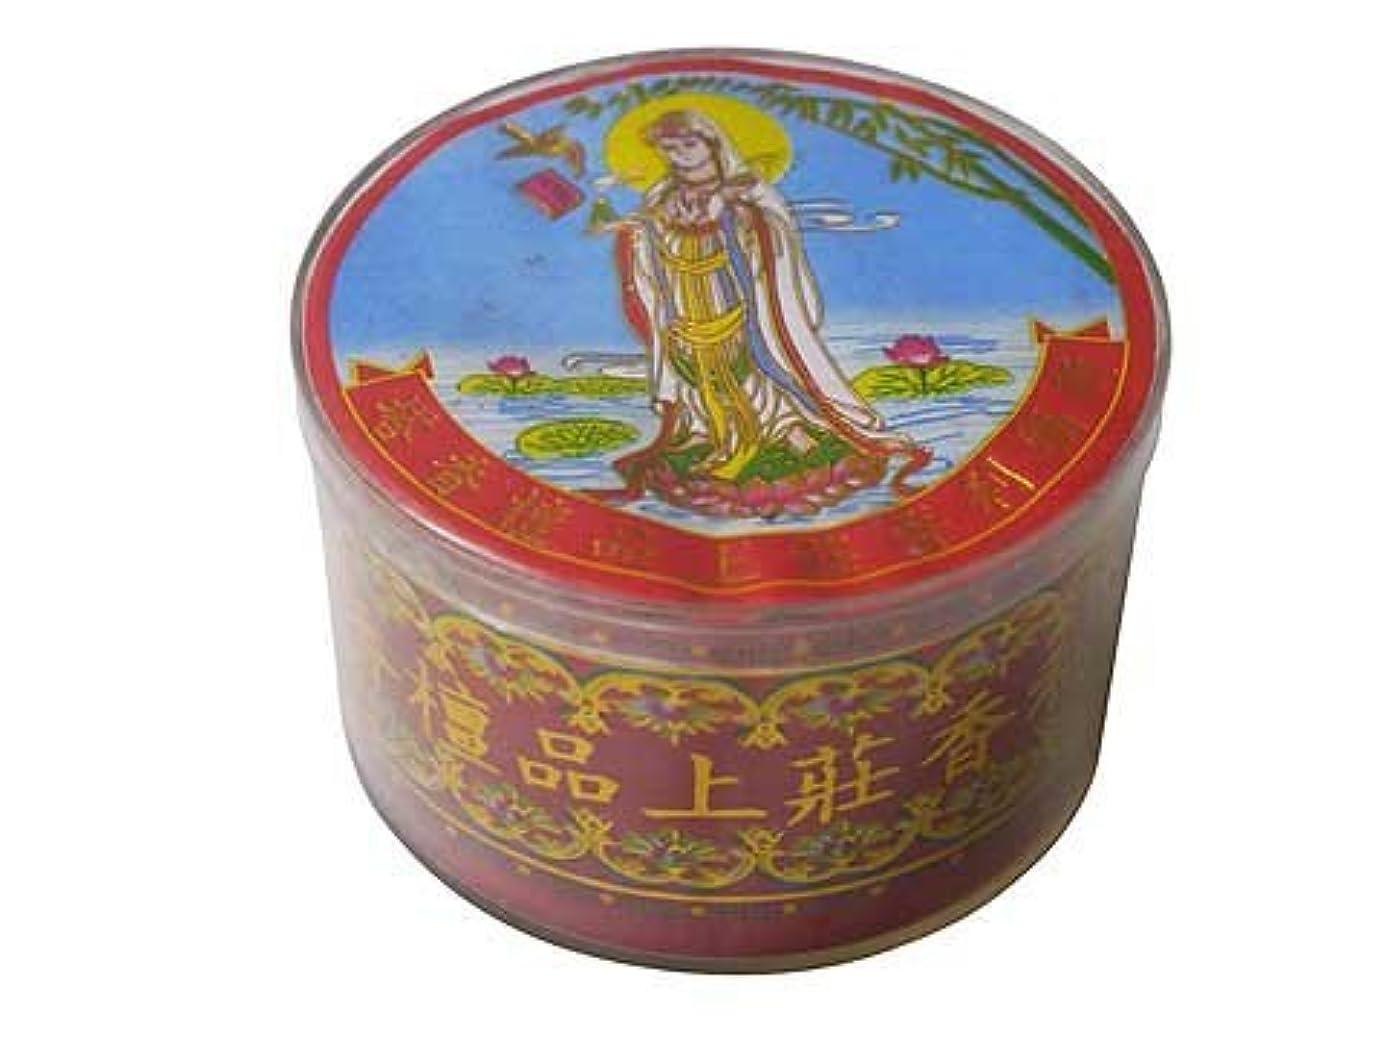 シーフードミッションパーティーVietnam Incense ベトナムのお香【観音様ラベル渦巻き檀香】